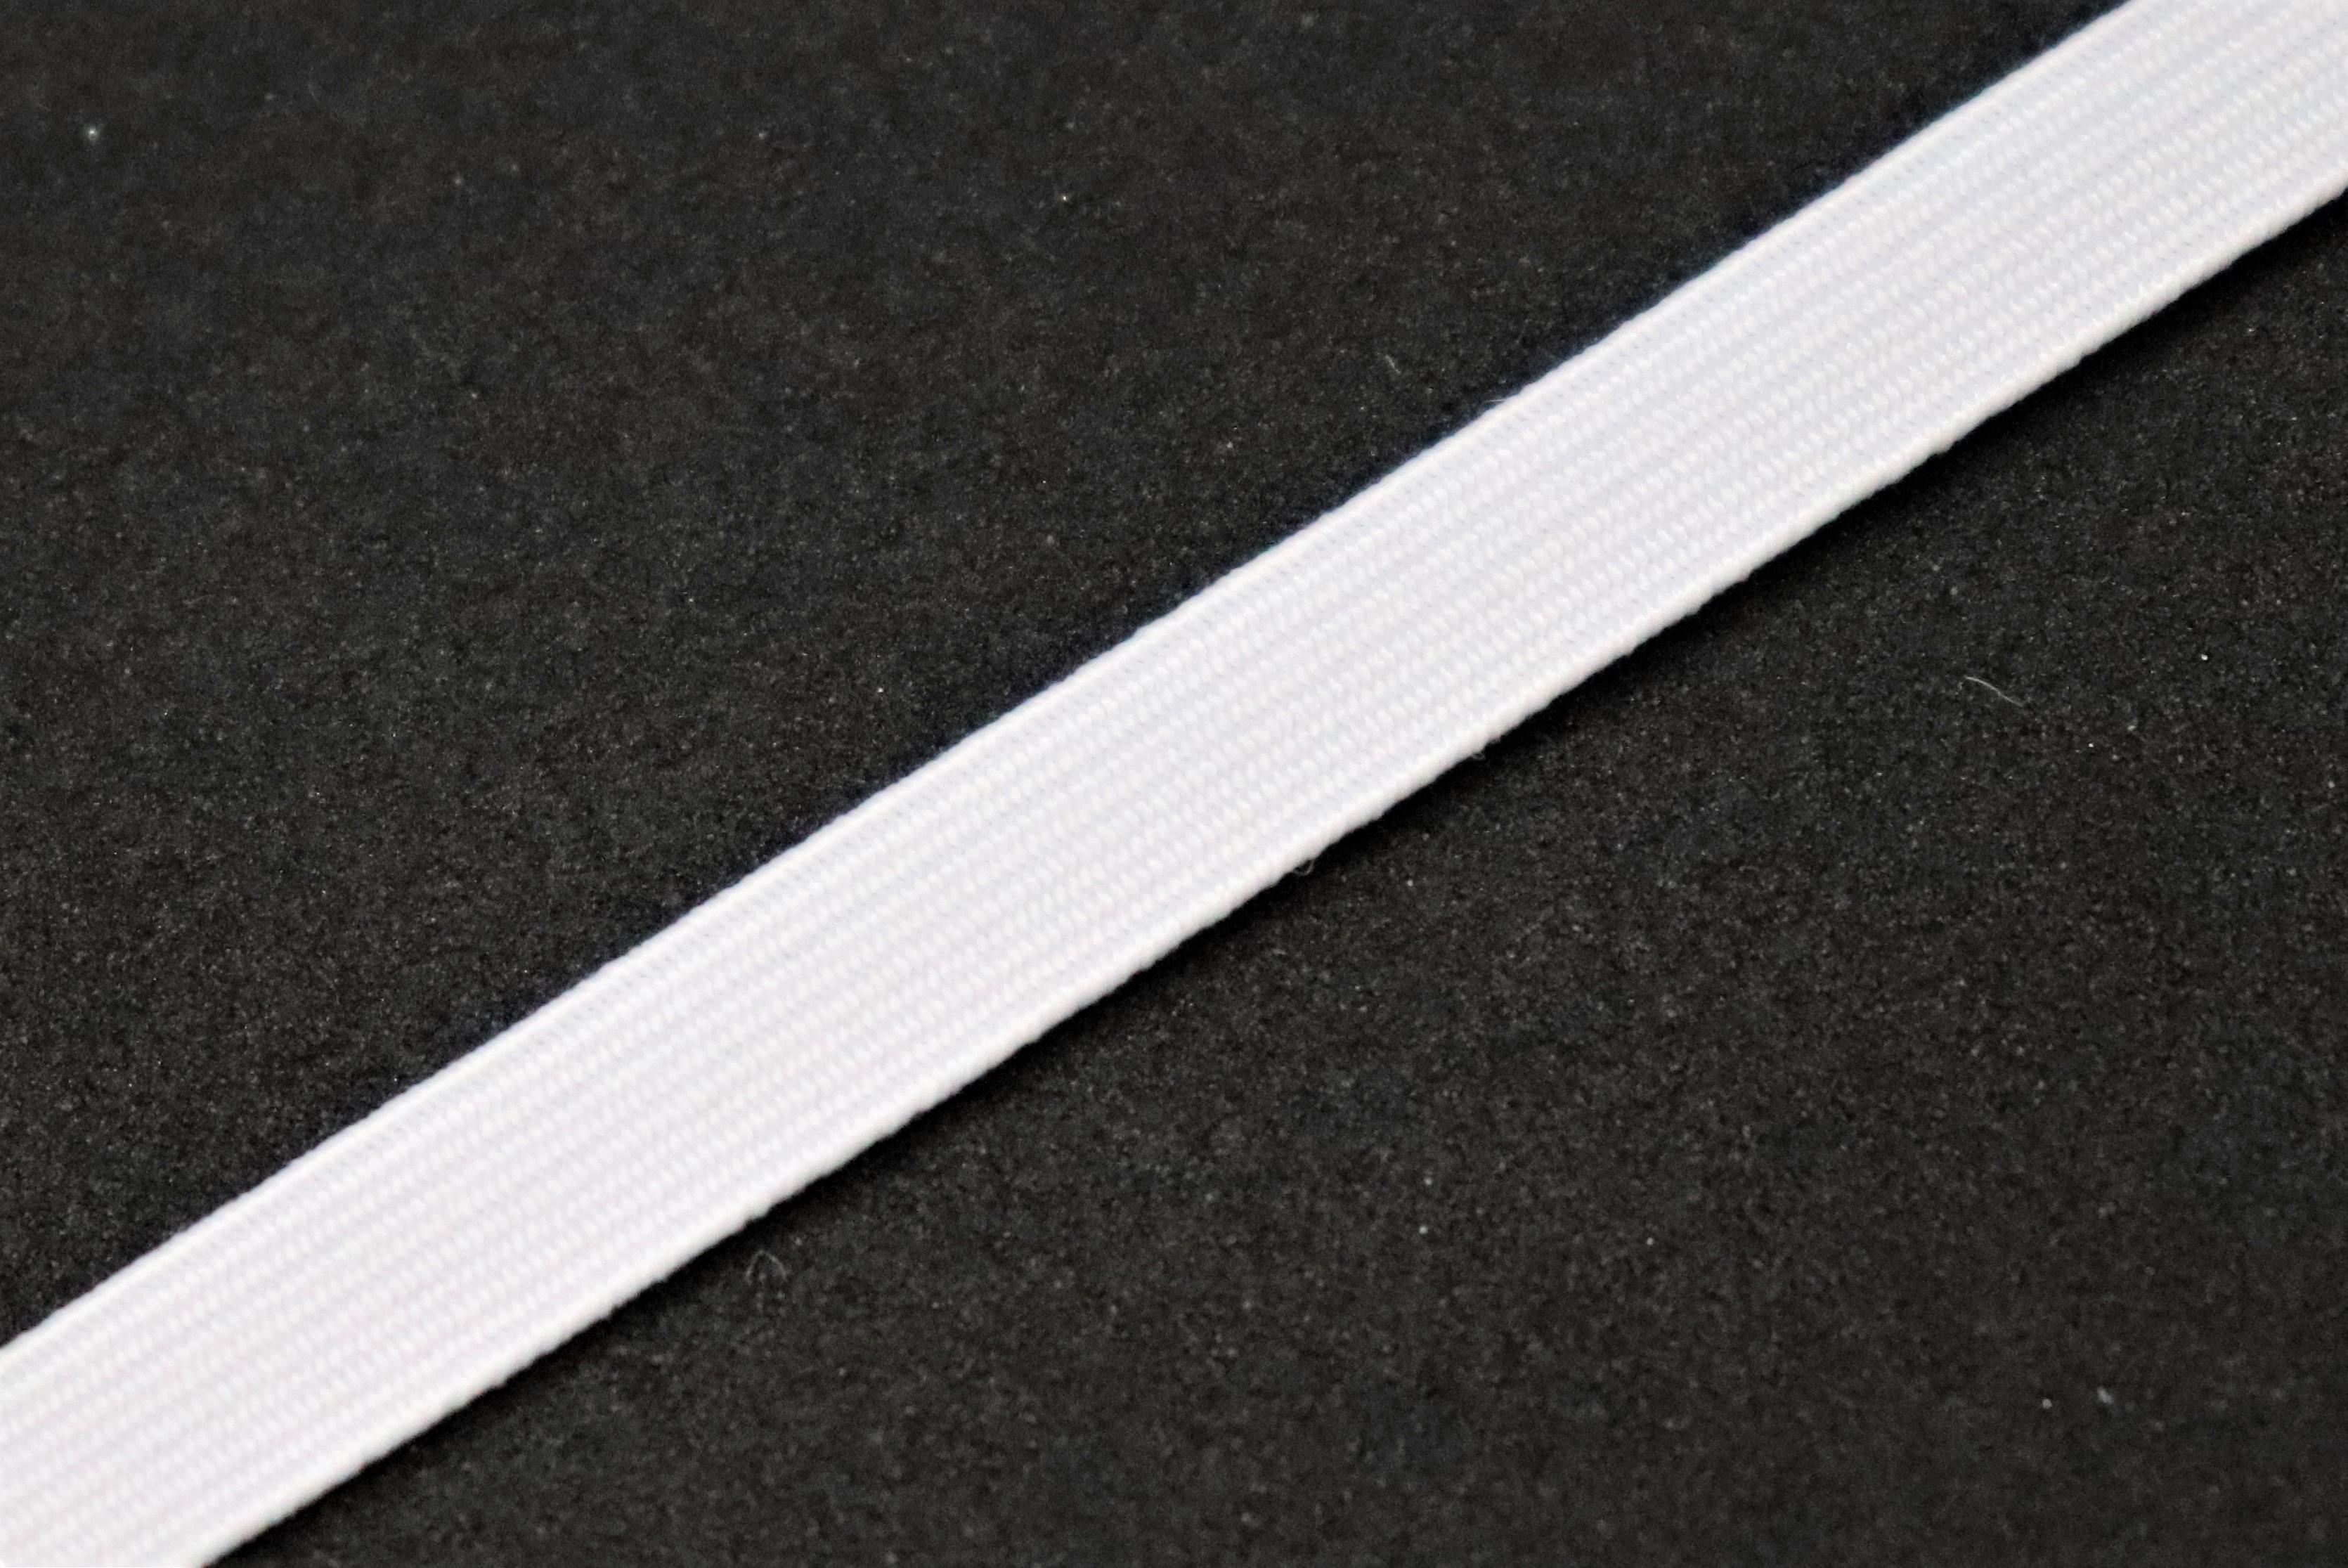 Prádlová pruženka bílá 8 mm - zvìtšit obrázek